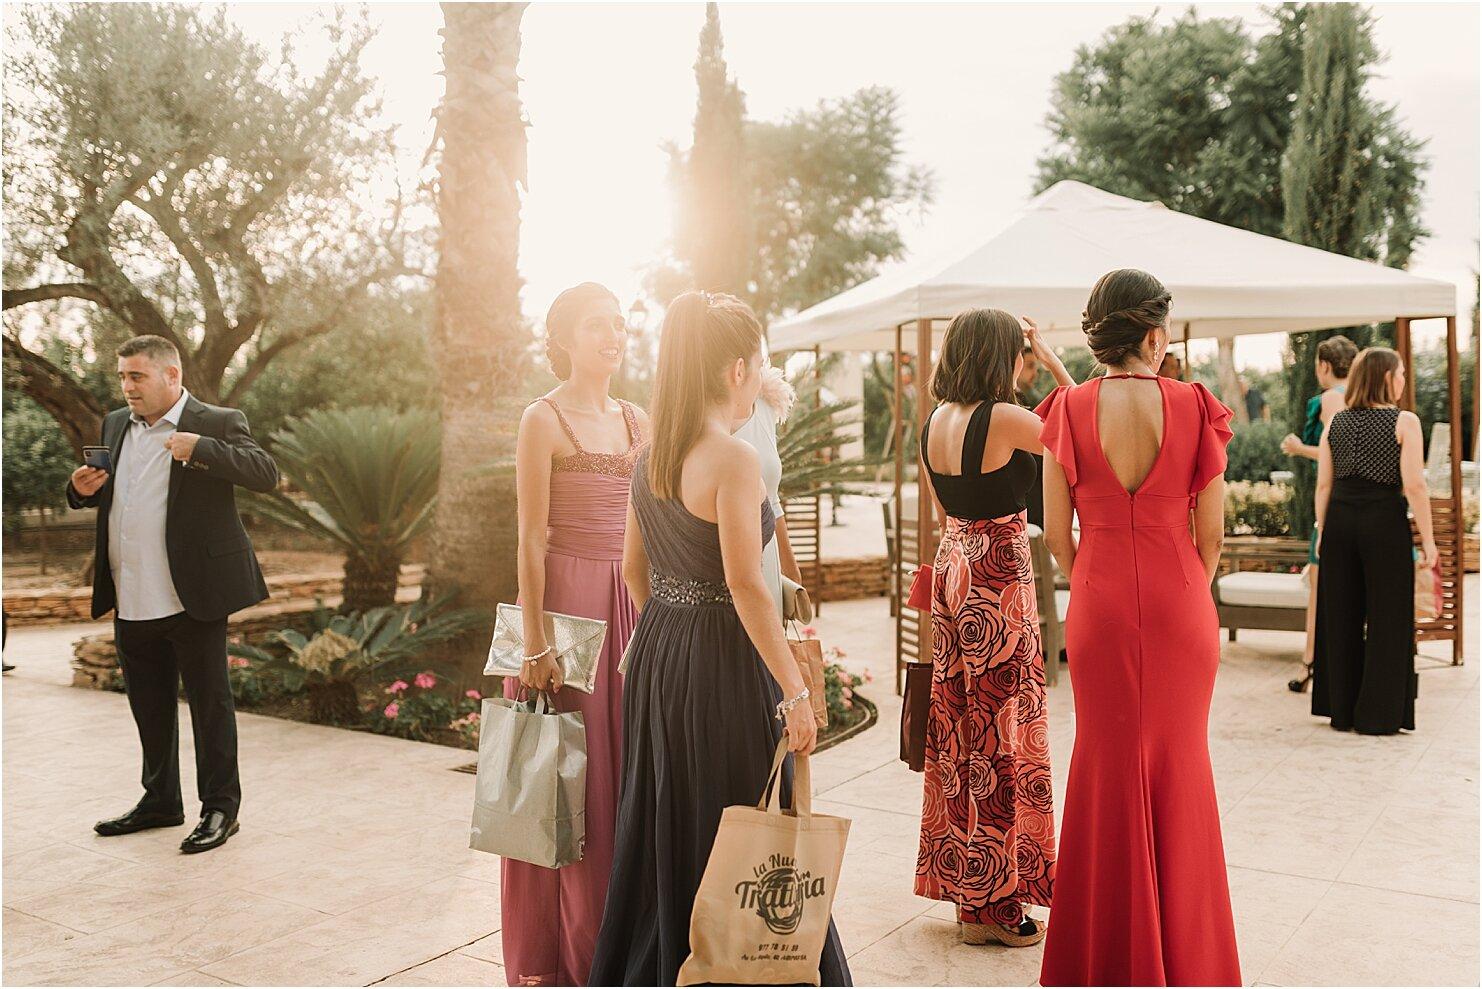 boda-romantica-boda-boho-vestido-de-novia-laura-lomas3.jpg